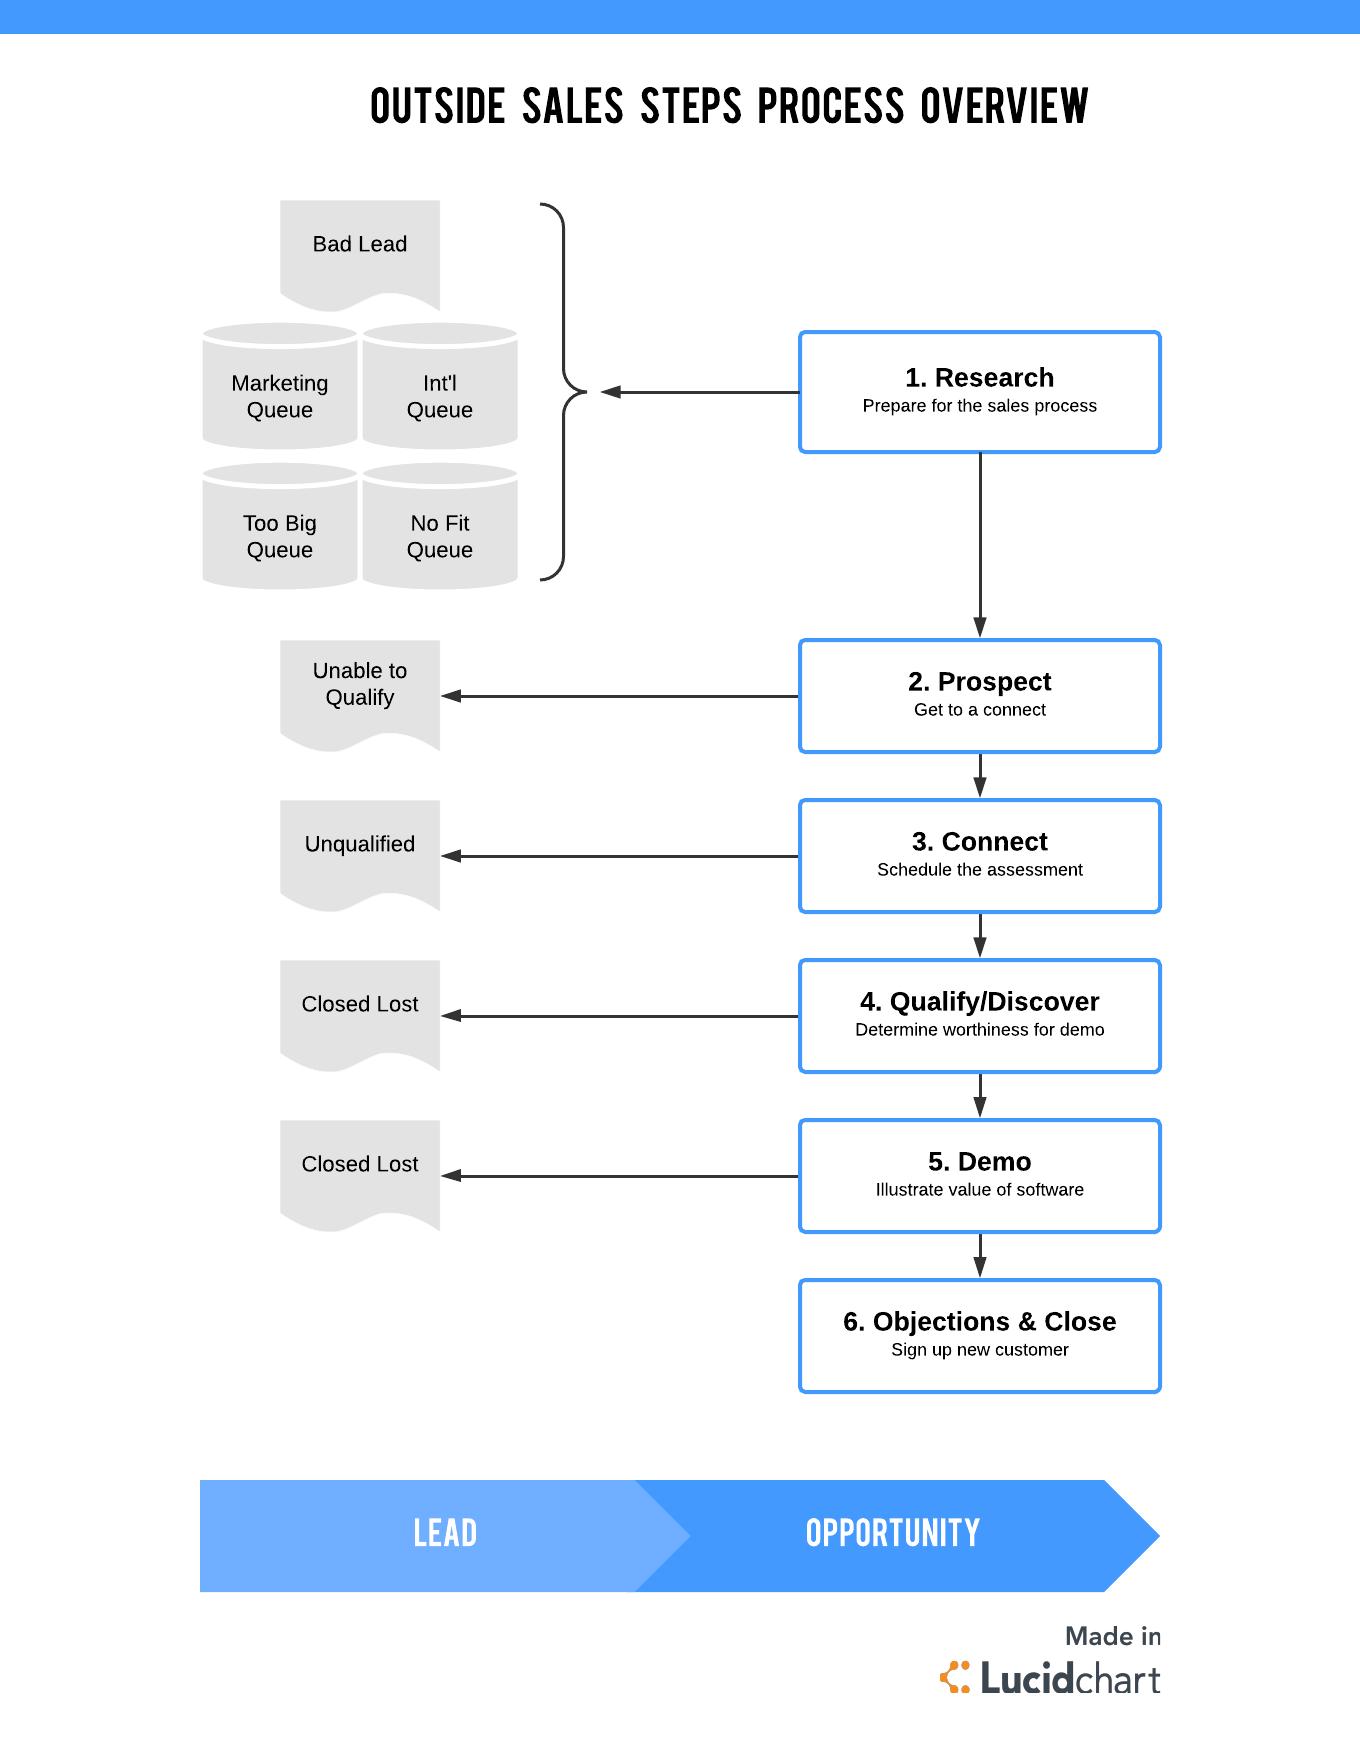 visao-geral-processo-vendas-externas